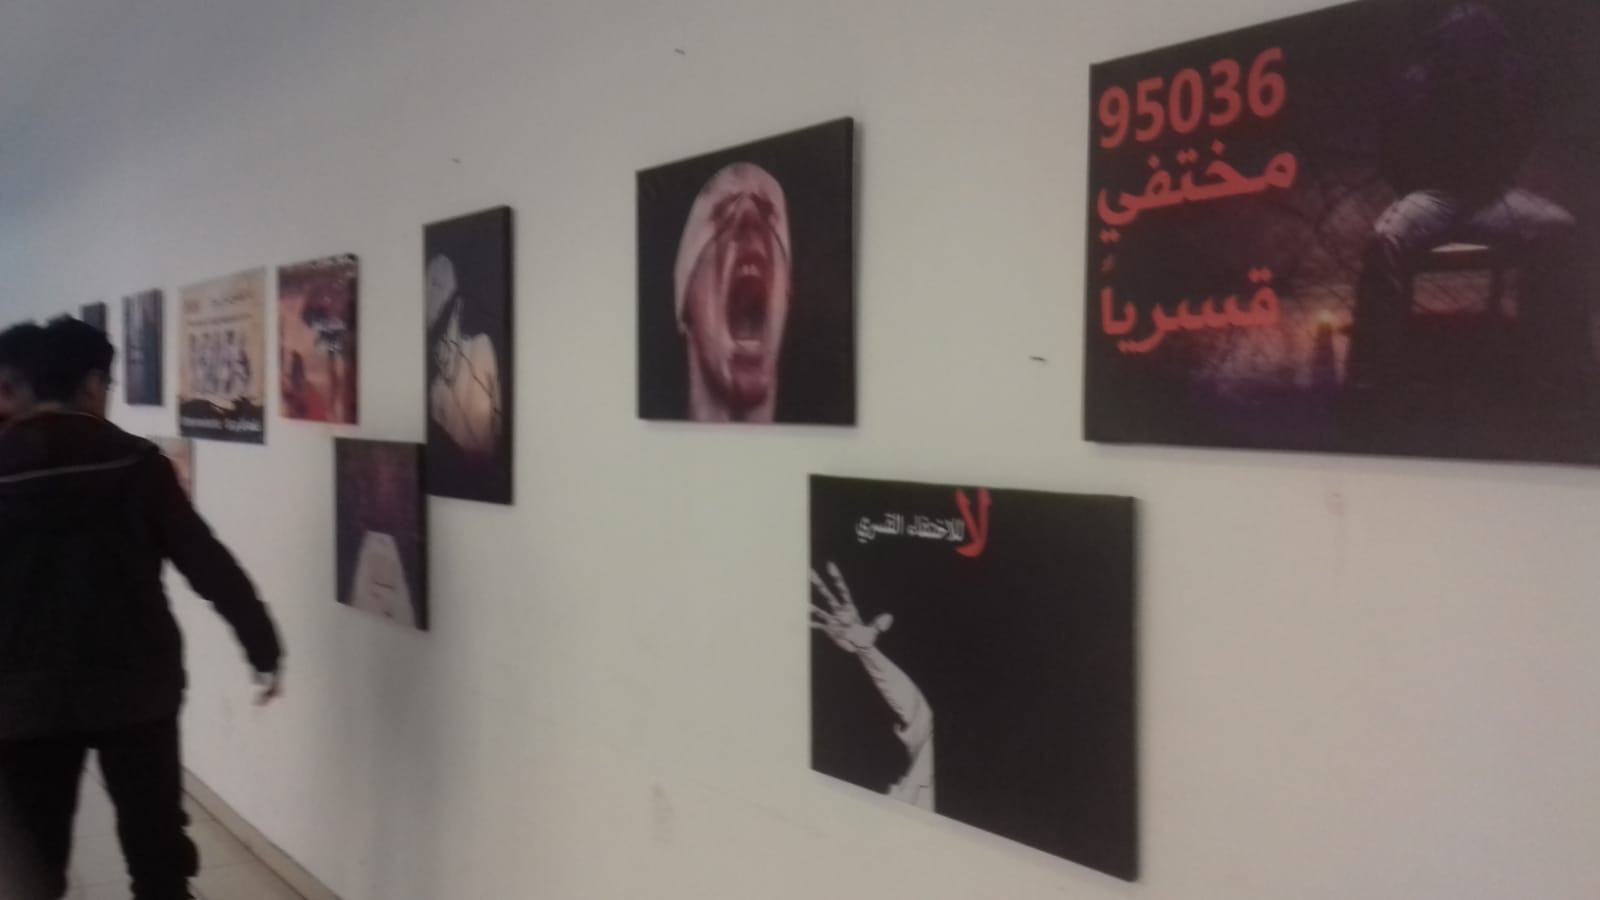 معرض صور حول الاختفاء القسري والمعتقلين في سورية يقام في مدينة عنتاب